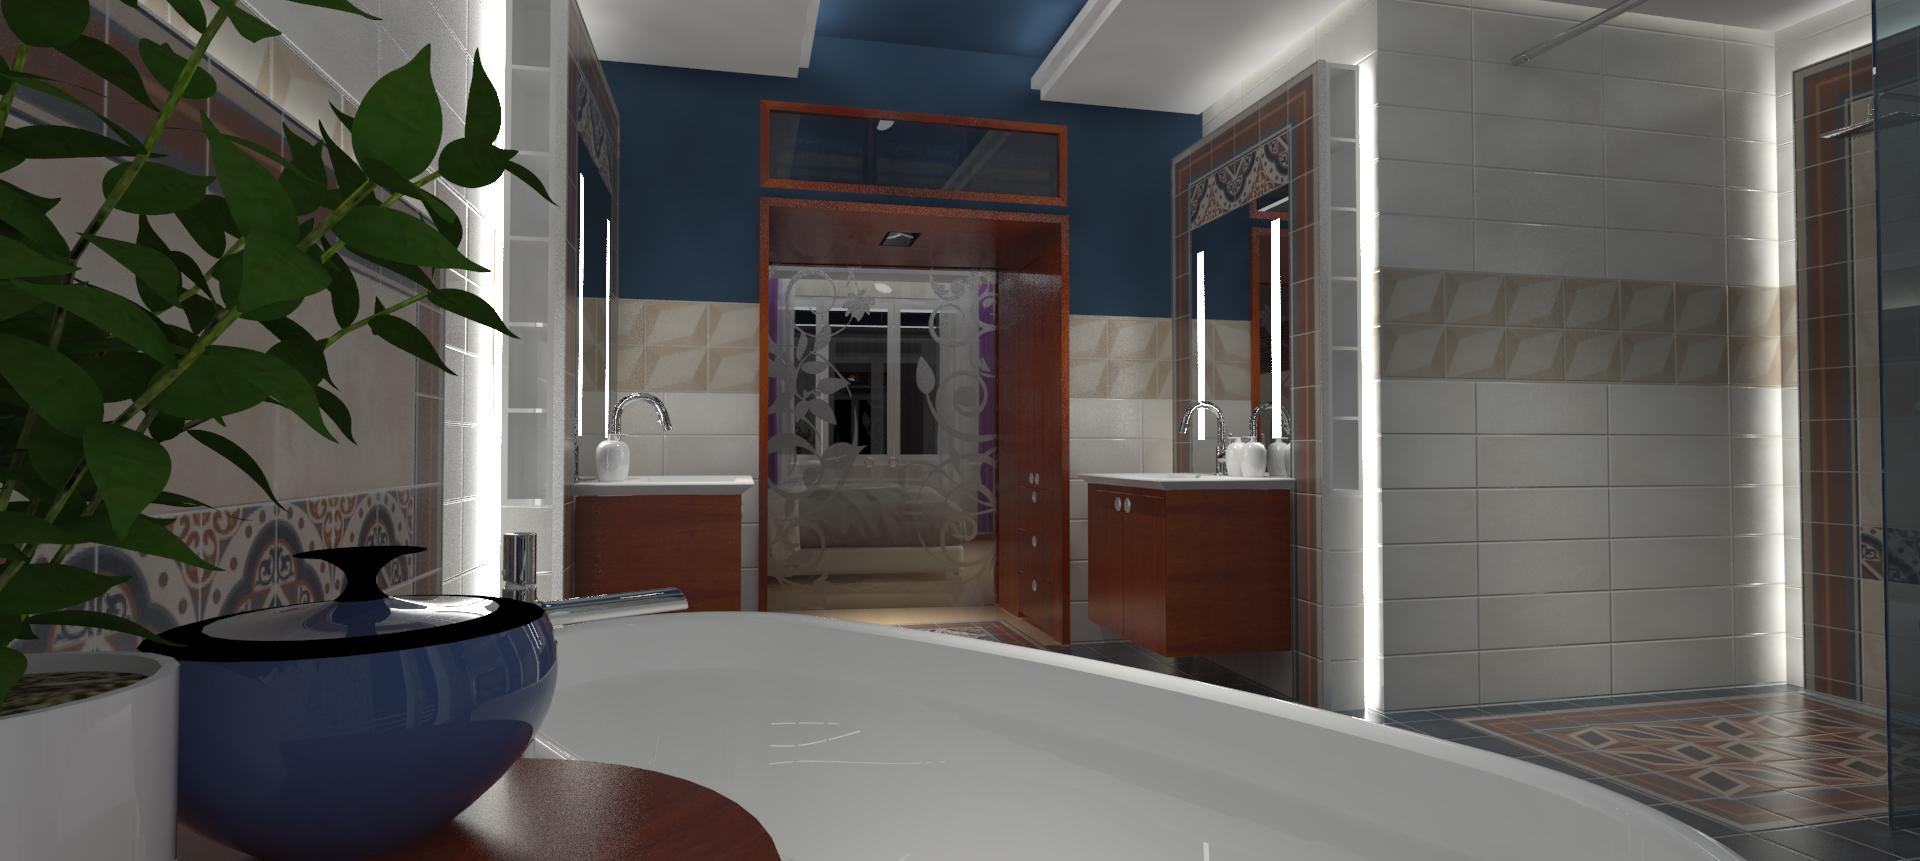 bad und schlafzimmer innenarchitektur shops praxis wohnen kreuterweiss. Black Bedroom Furniture Sets. Home Design Ideas